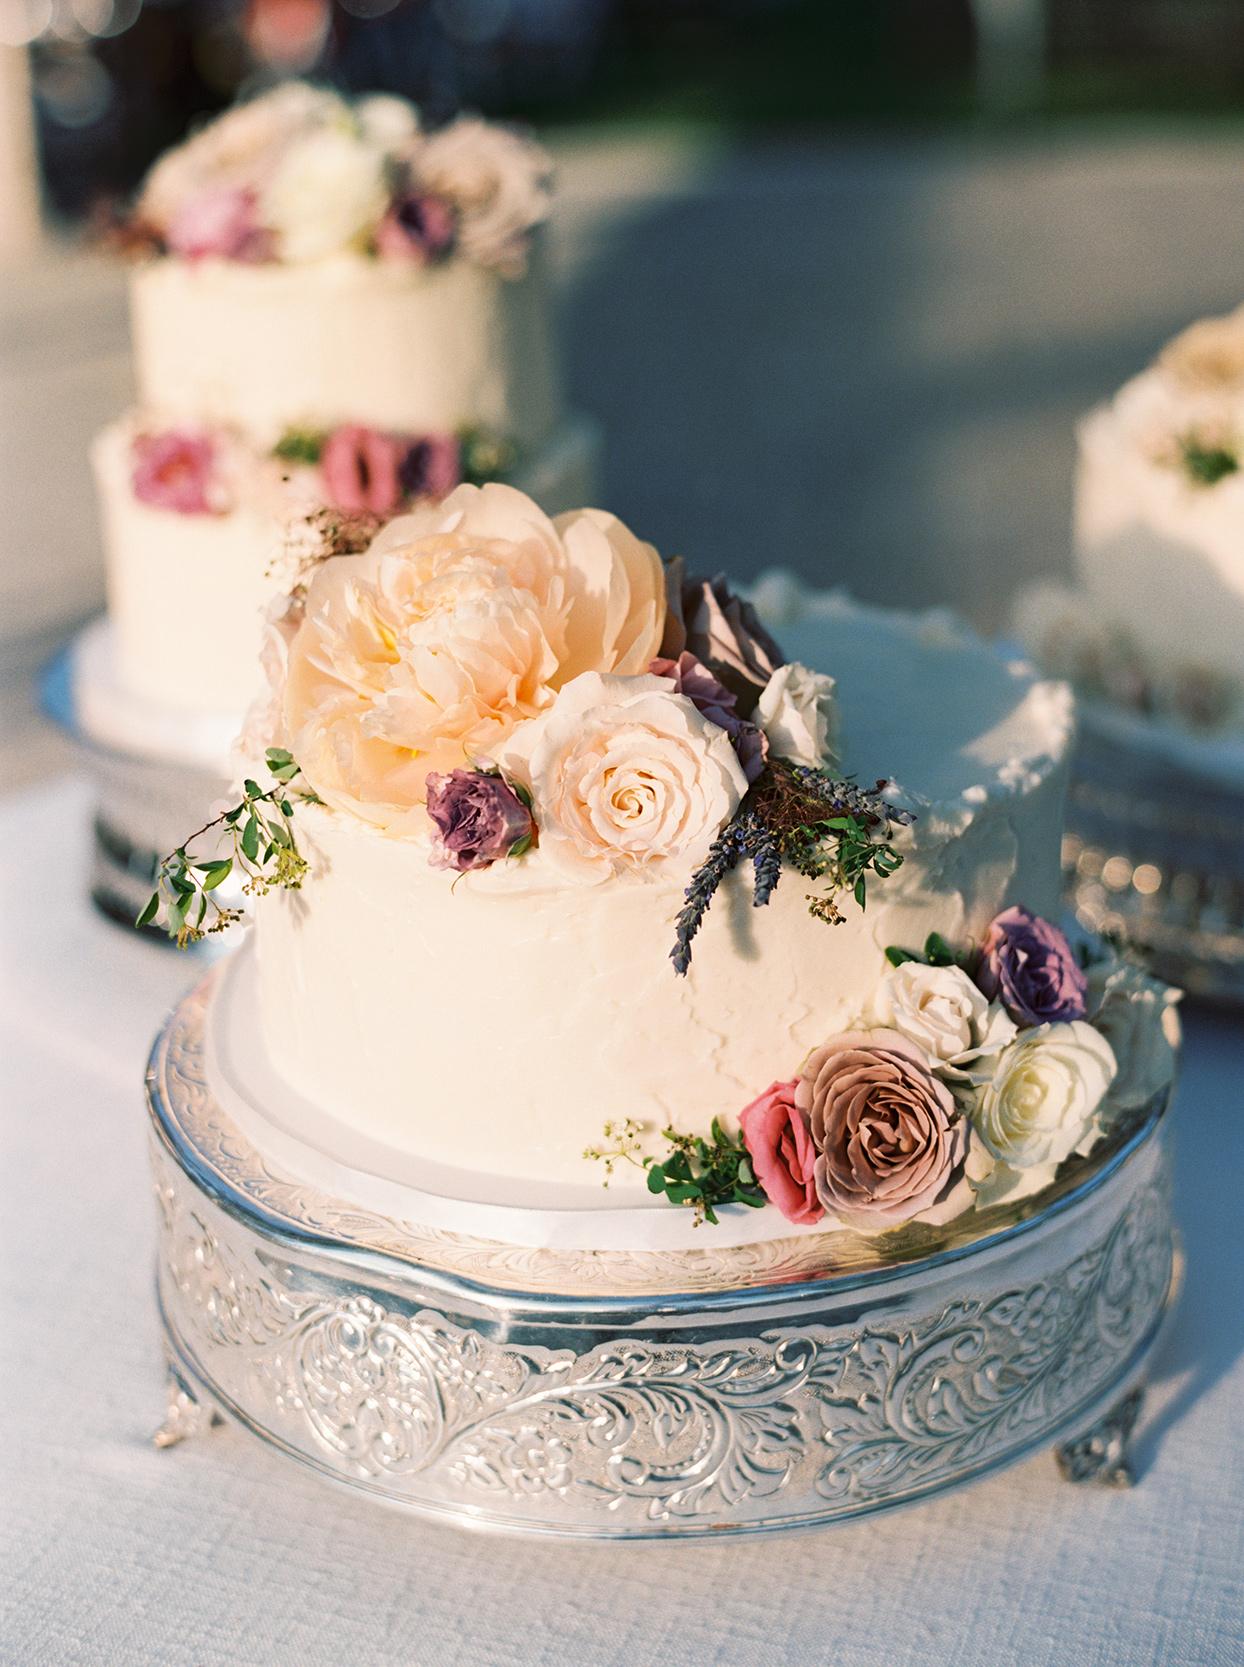 julia doug wedding cake with flowers